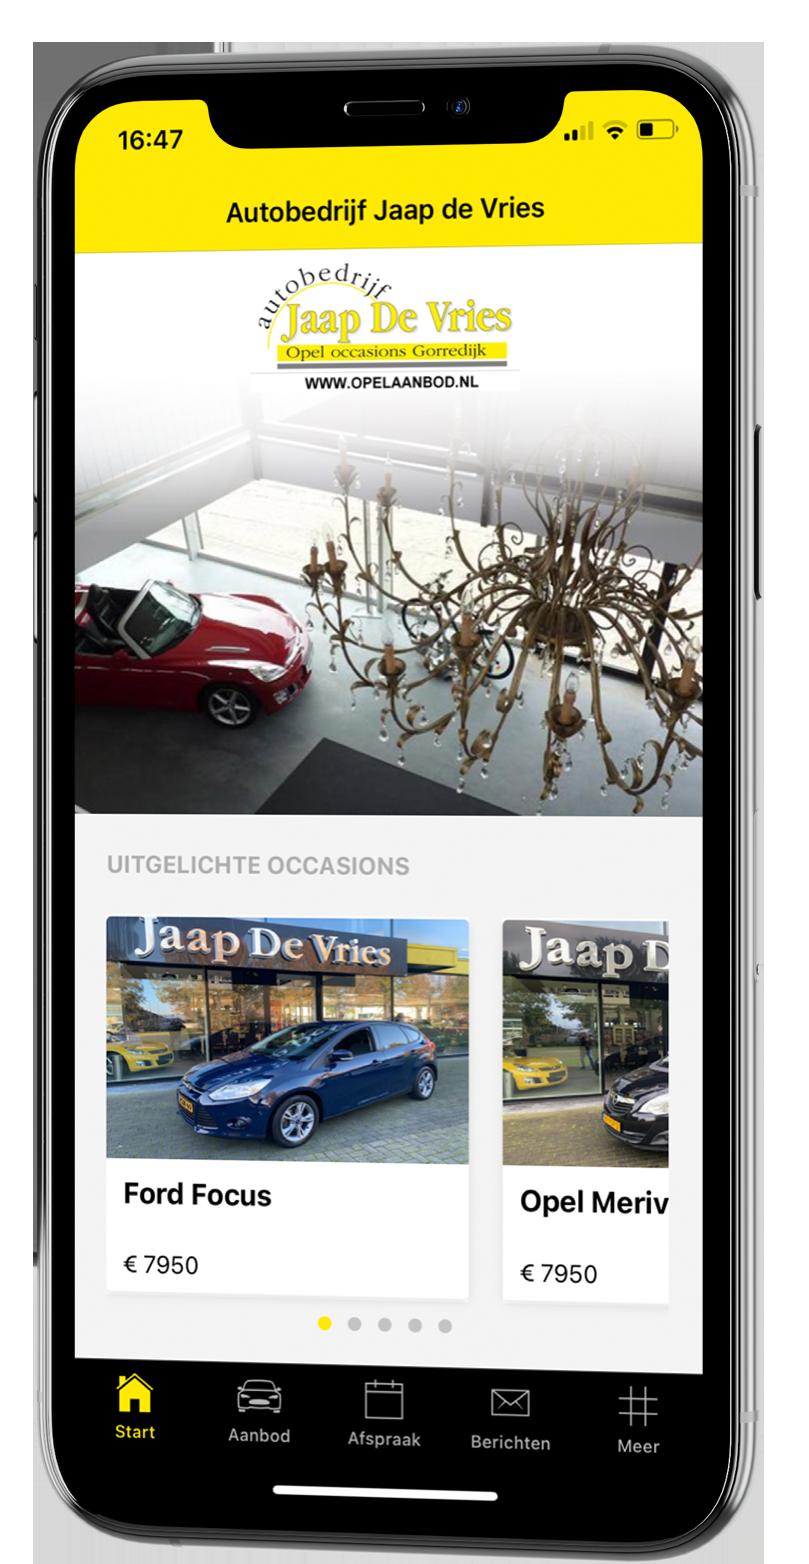 De autobedrijf Jaap de Vries app